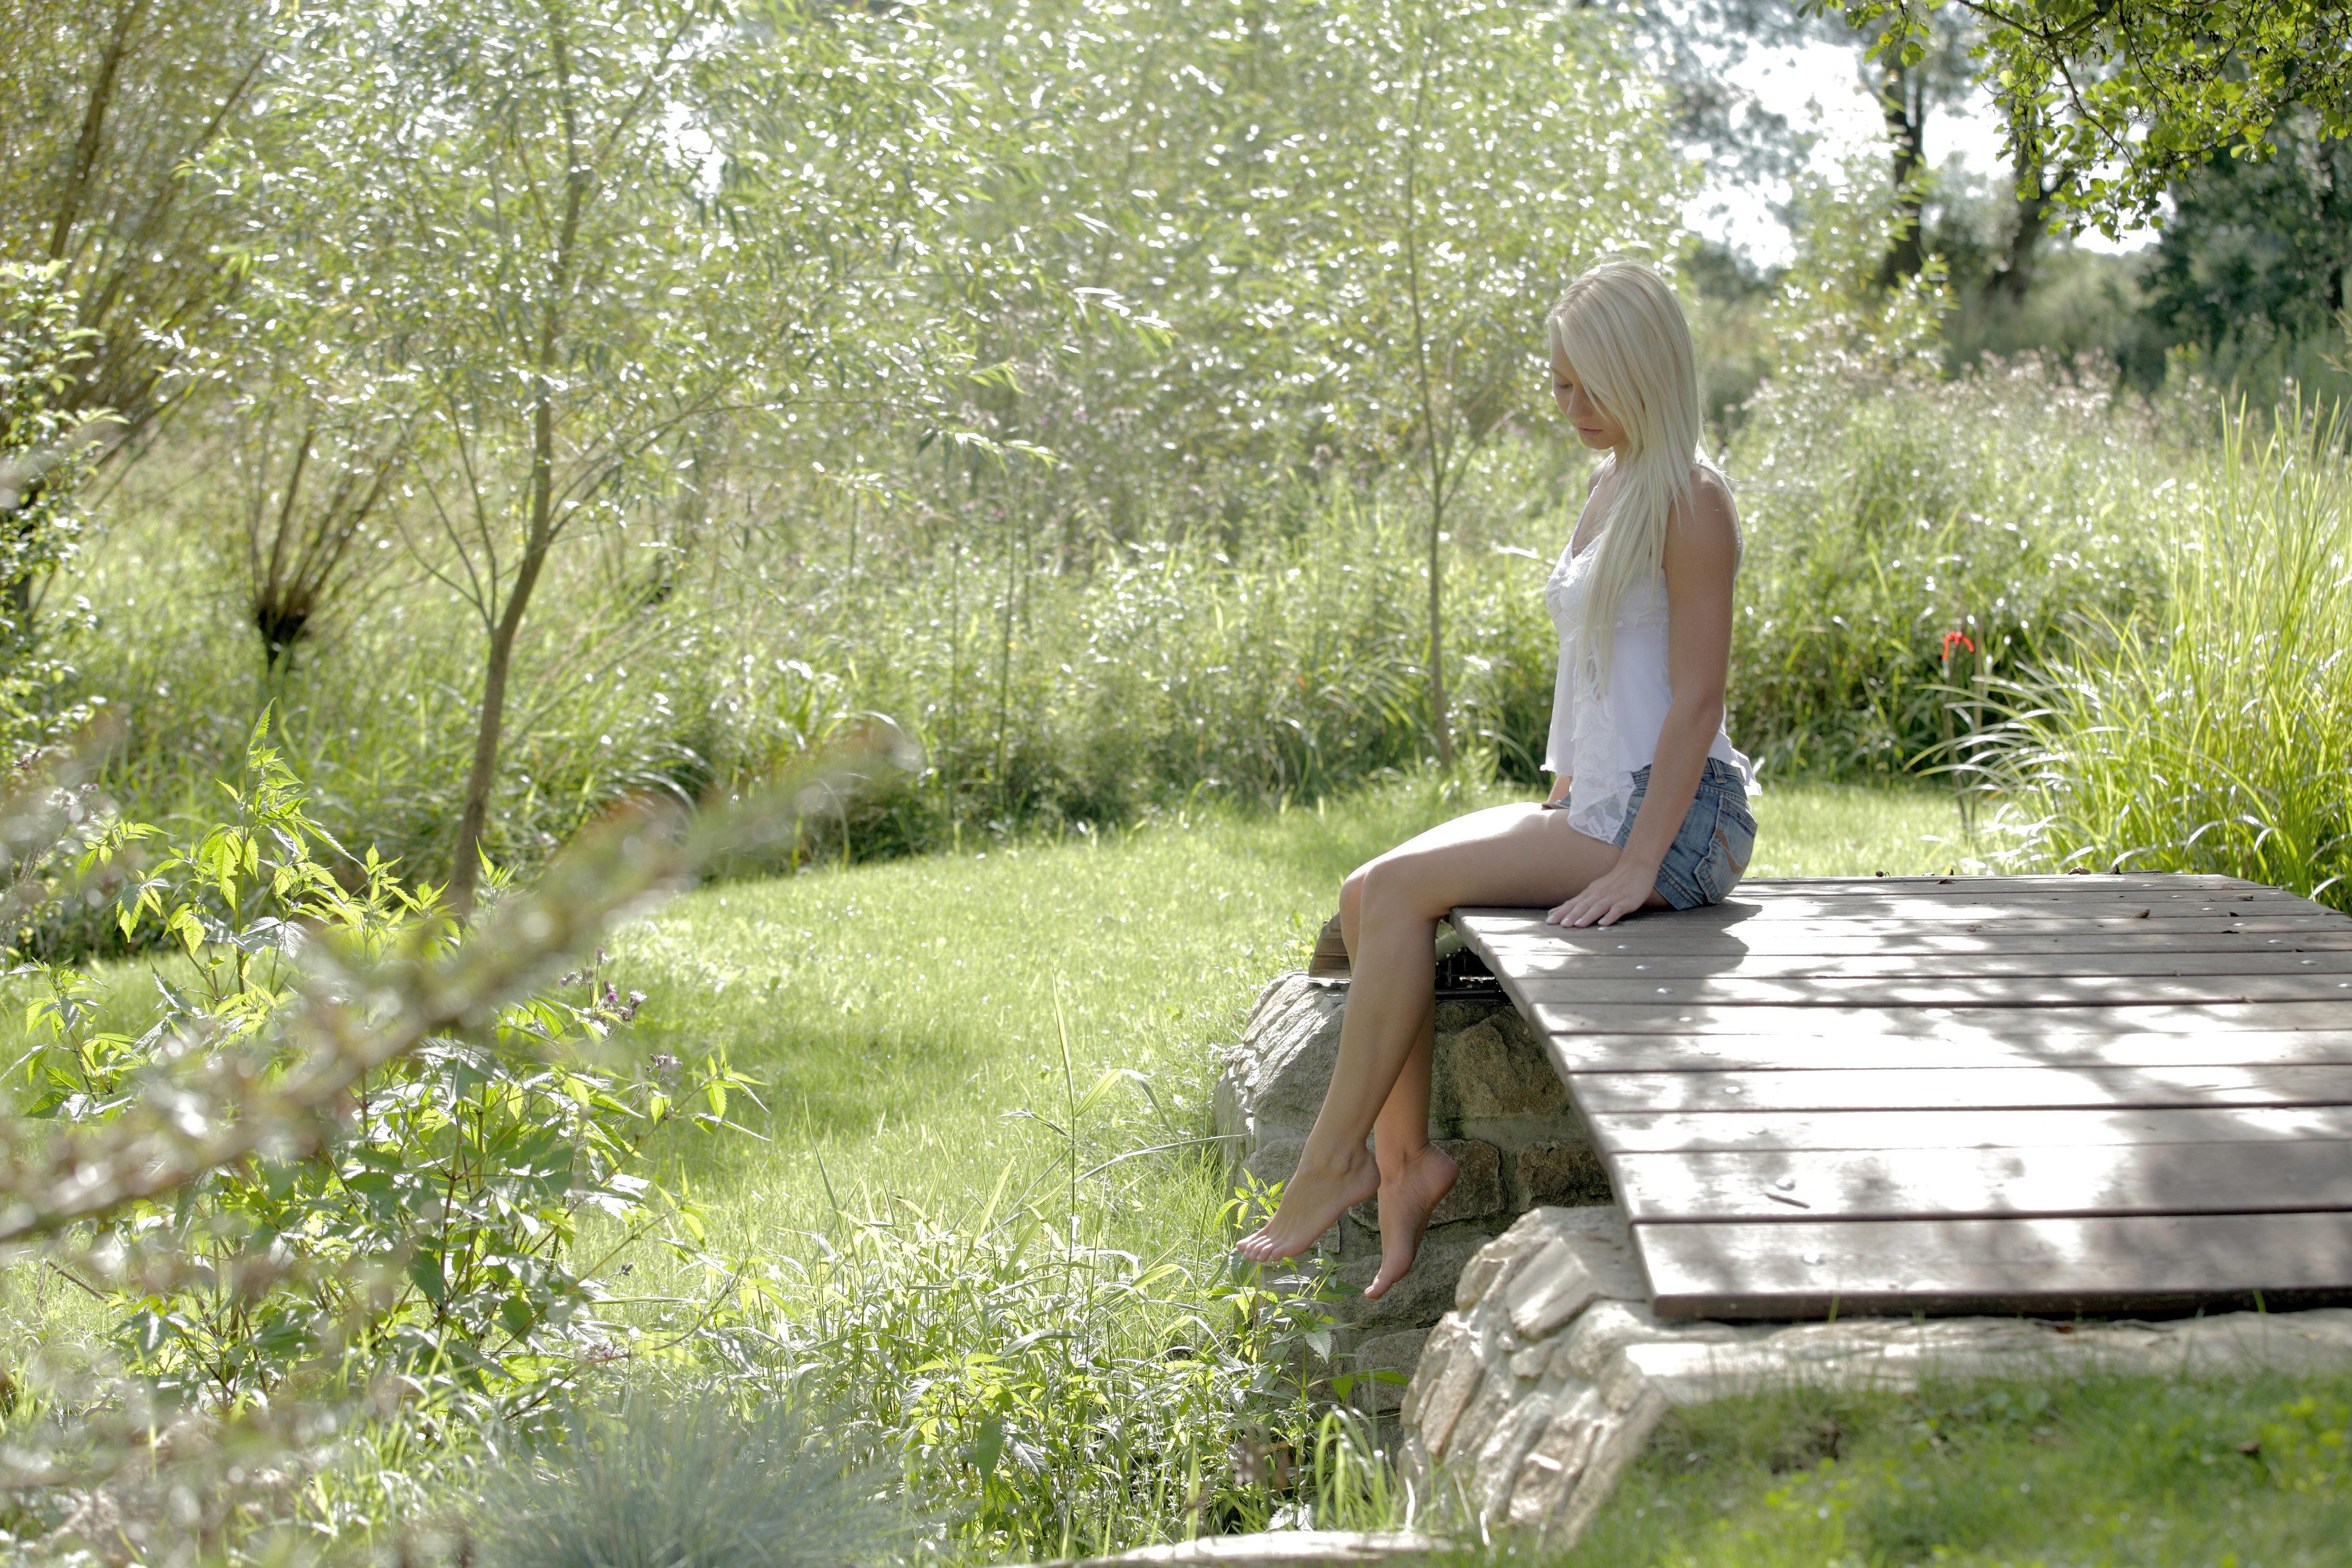 красотки девушки на природе в коротких юбках отдыхают фото началось утро, этого